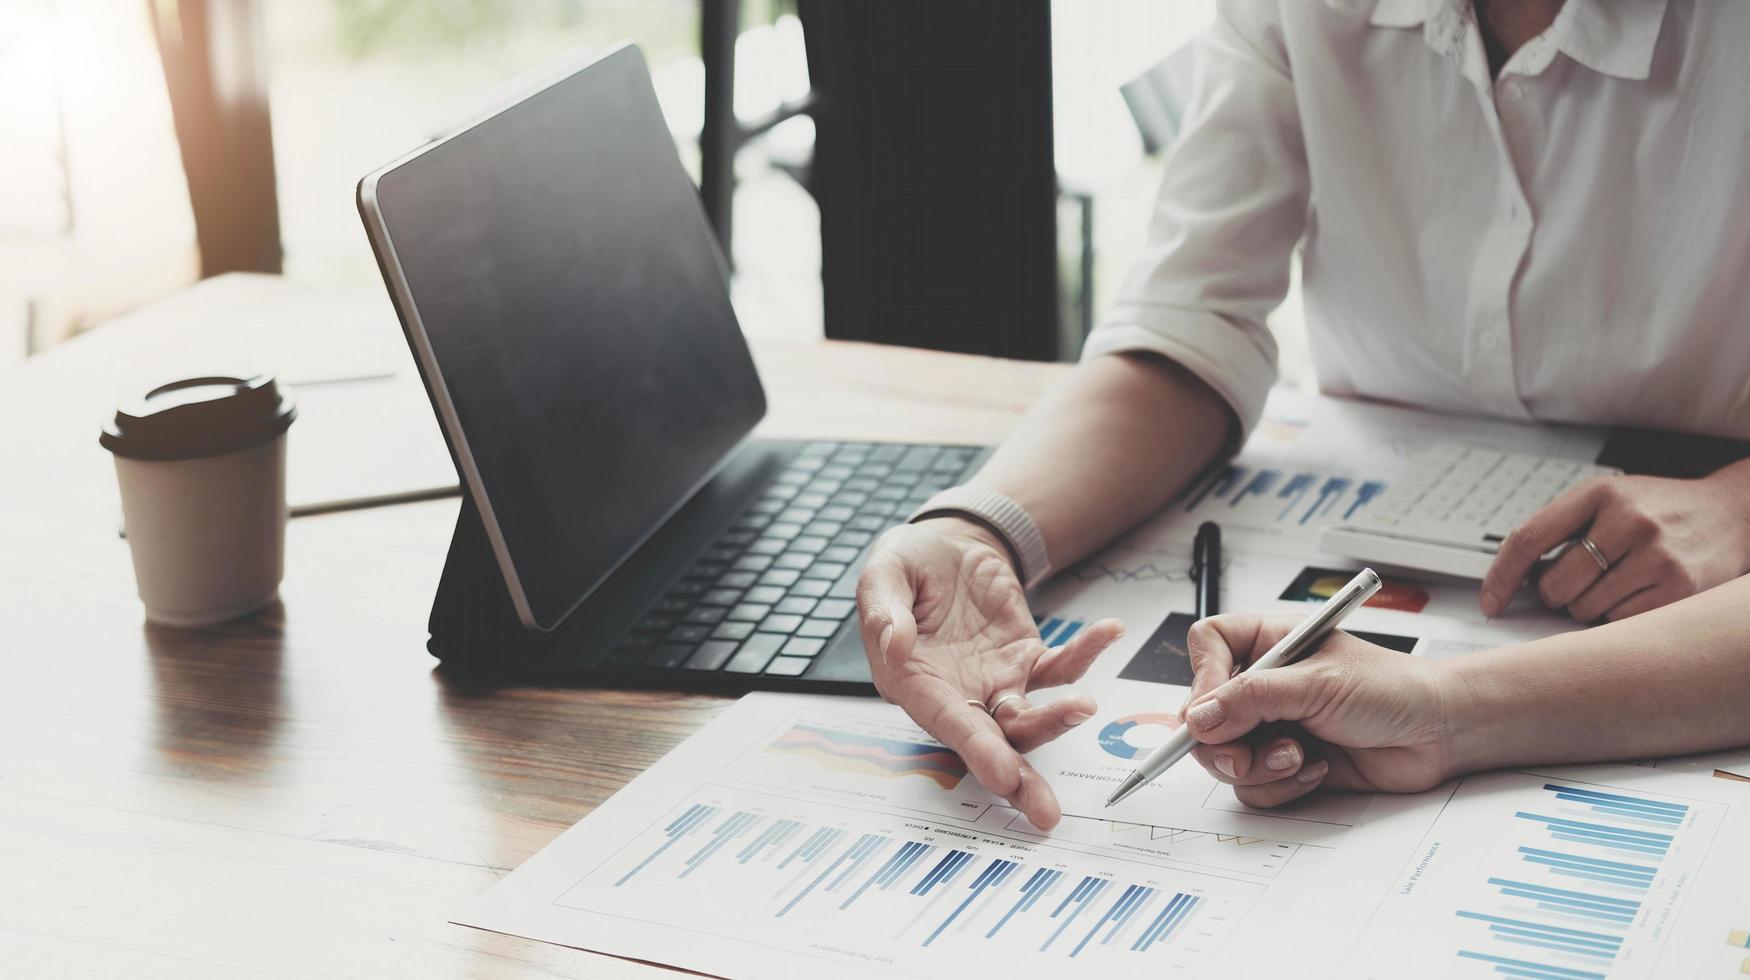 Análisis de discusión de dos contadores compartiendo cálculos sobre el presupuesto de la empresa y la planificación financiera juntos en el escritorio de la oficina. foto